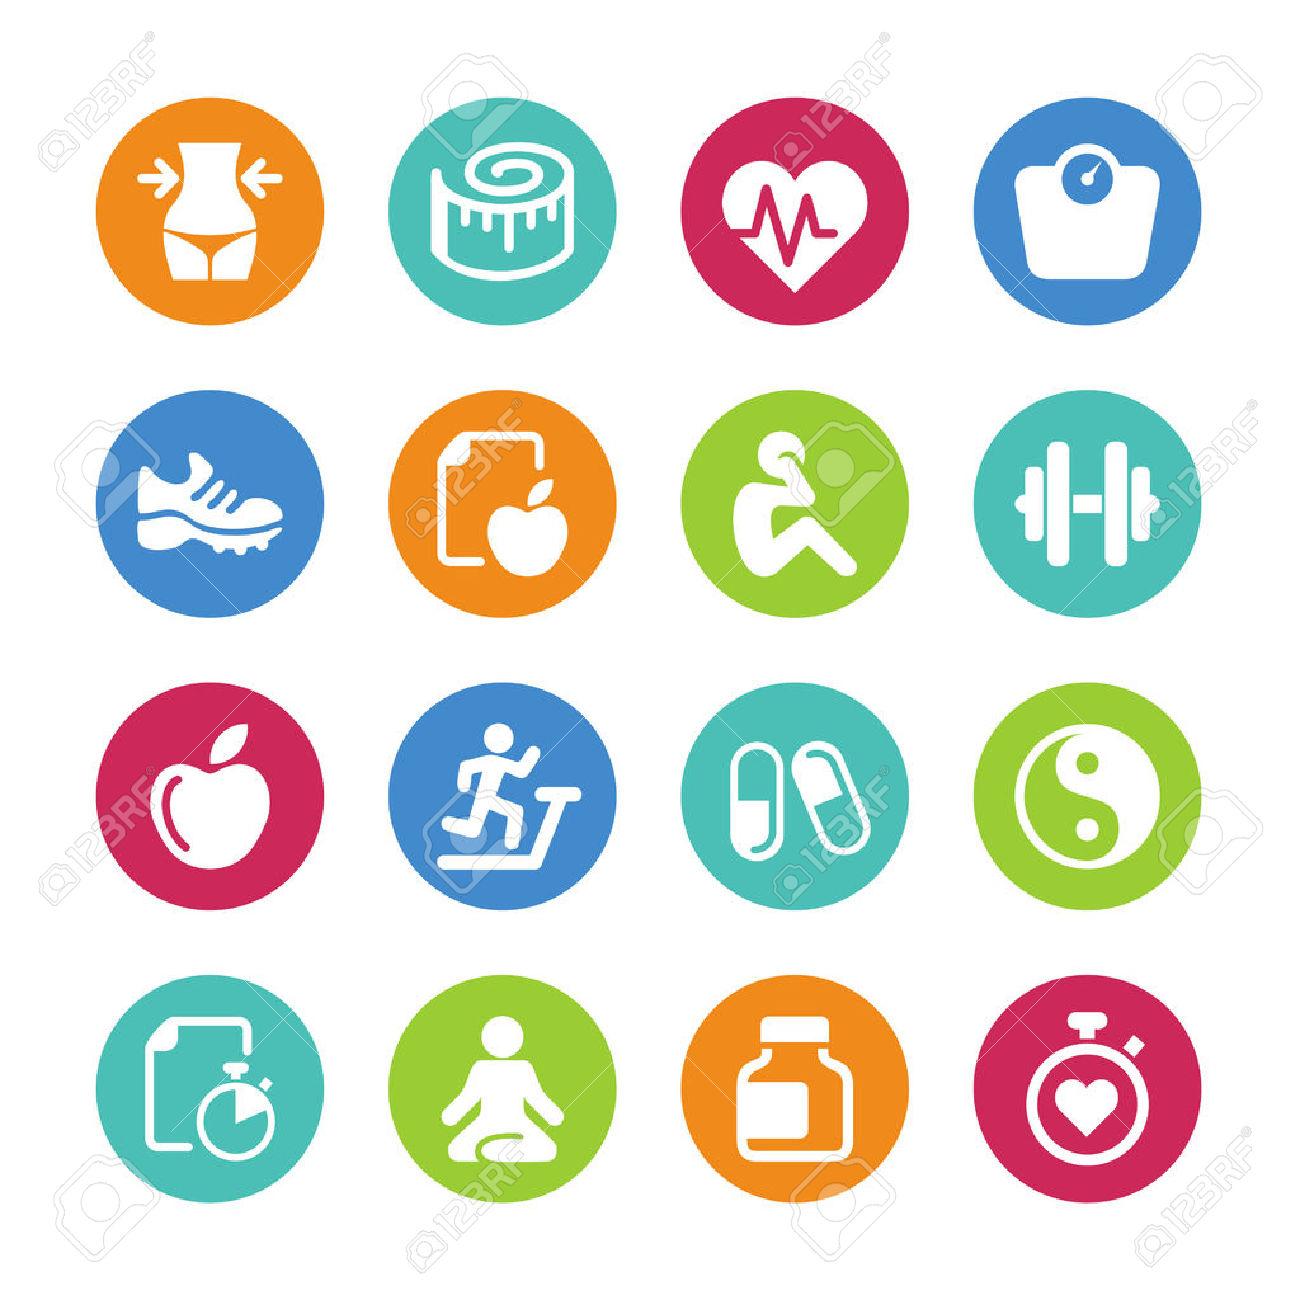 Gesund und fit clipart banner library Set - 16 Gesundheit Und Fitness Icons Lizenzfrei Nutzbare ... banner library